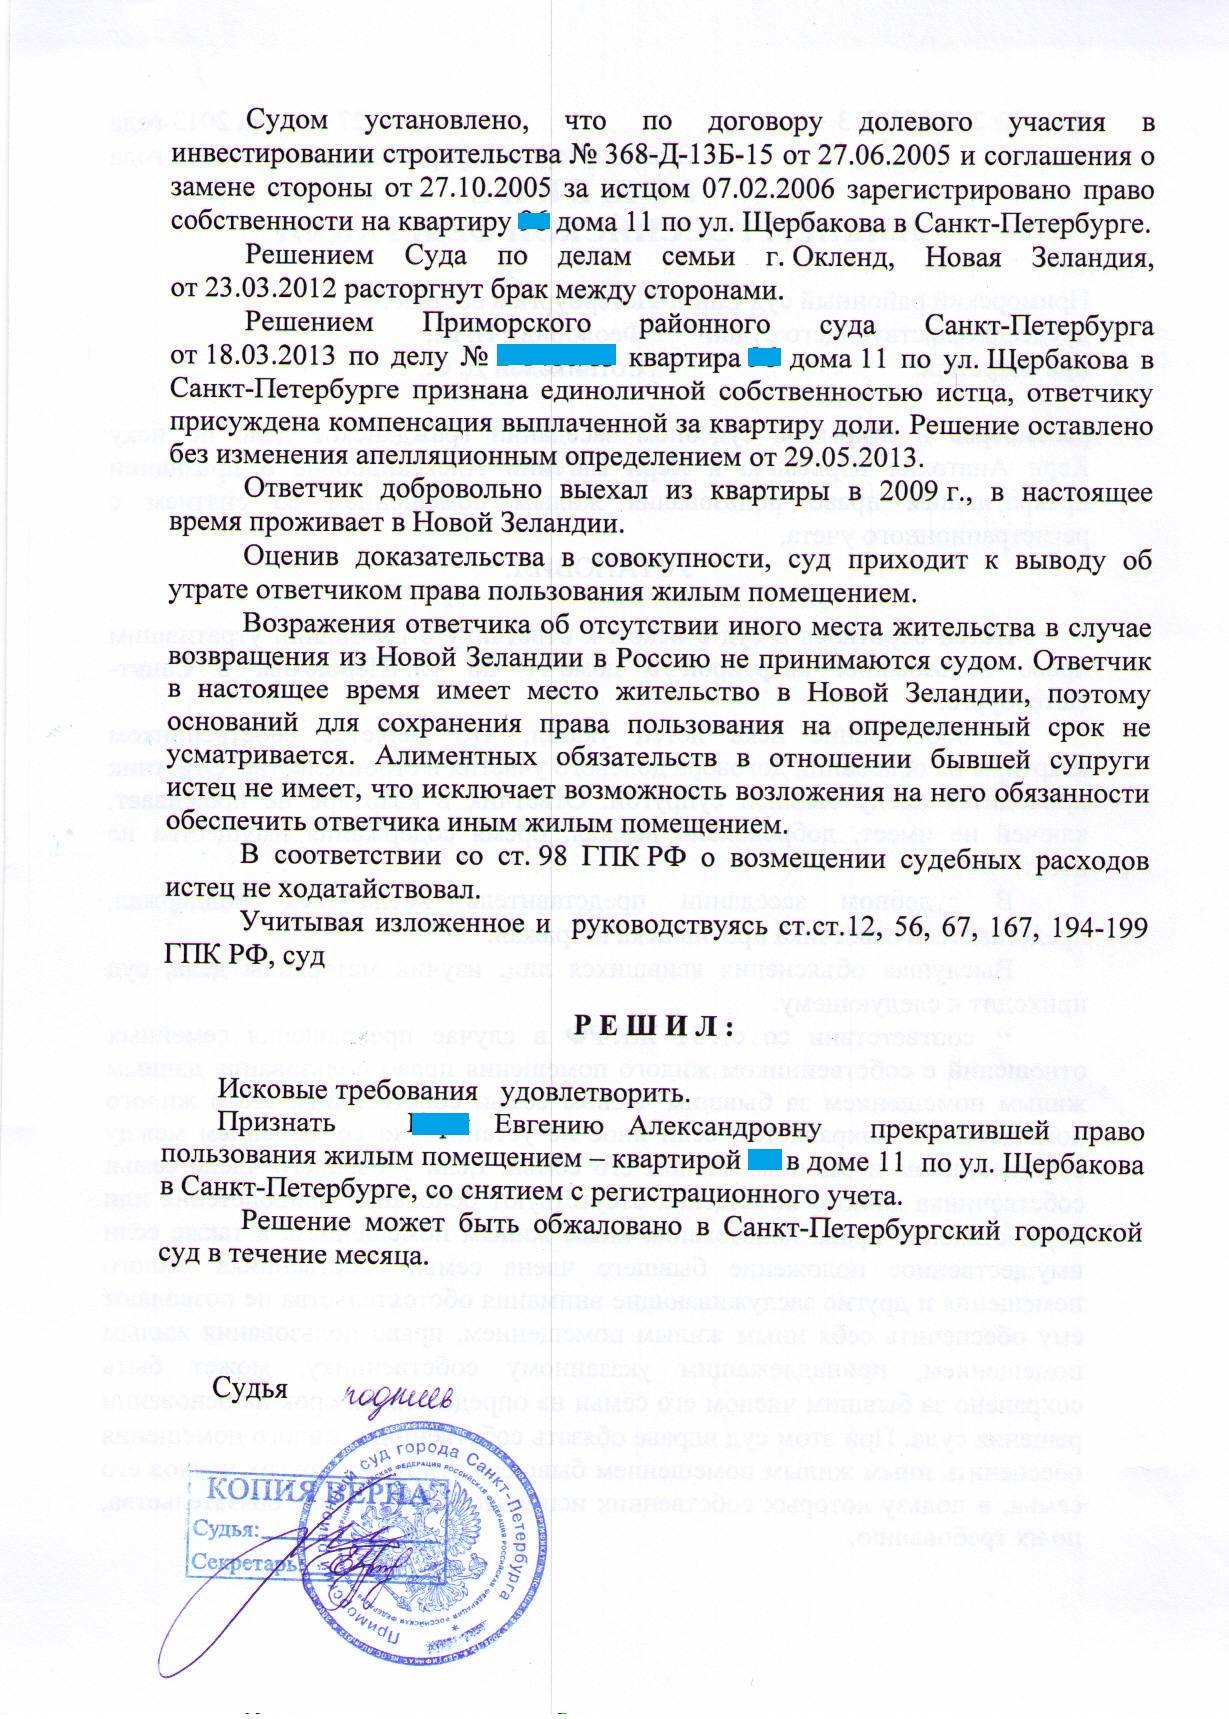 решение суда о снятии с регистрационного учета союзник был